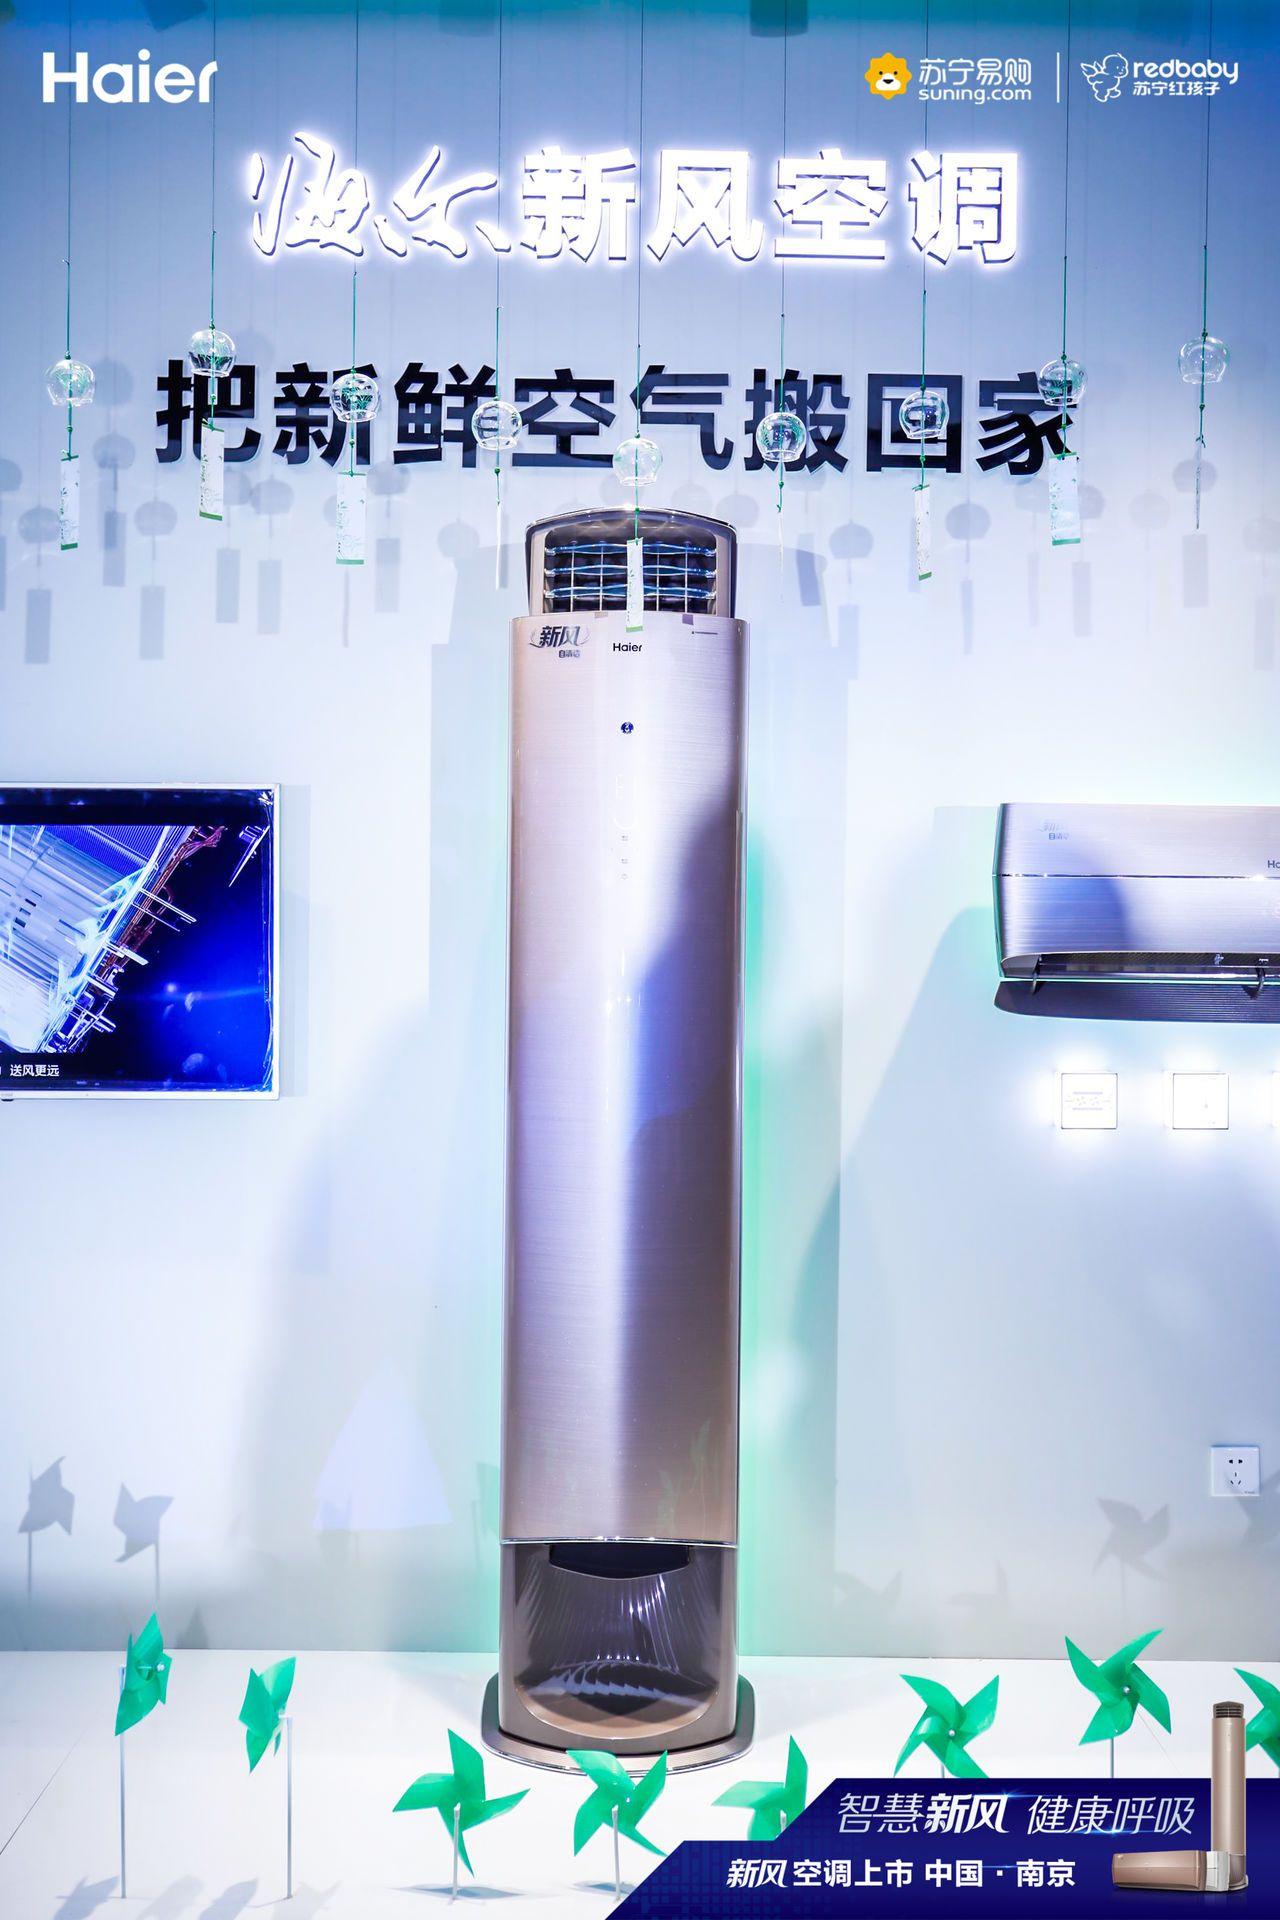 """海尔苏宁首发新风自清洁空调,为家打开""""外循环"""""""